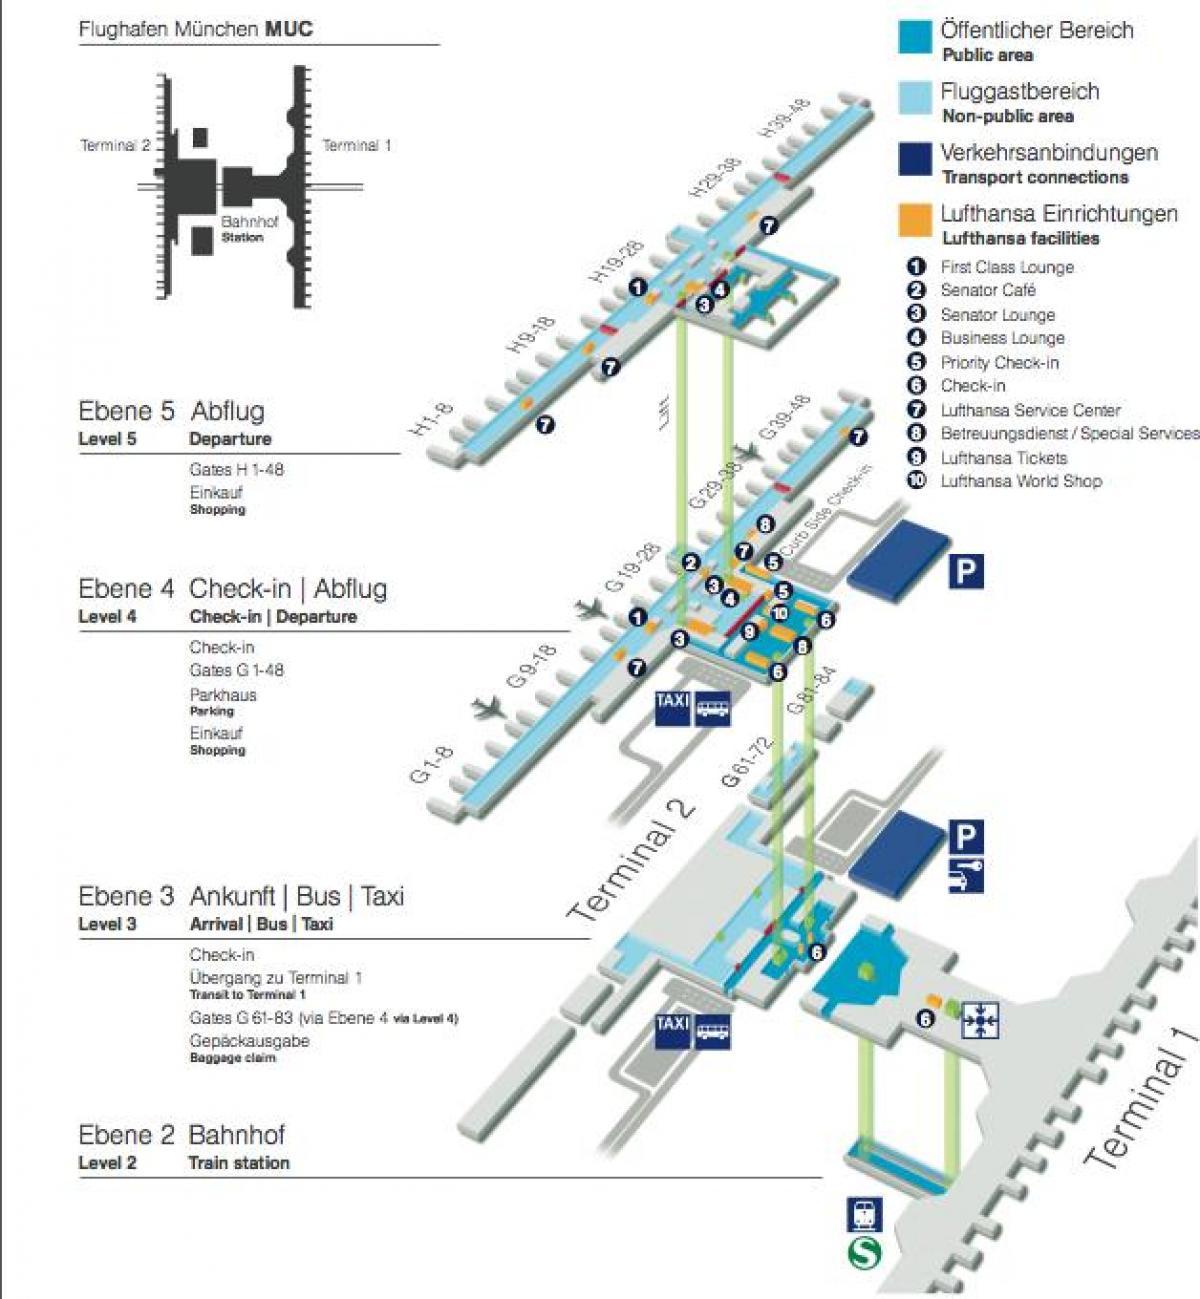 Lufthansa Airport Map Munich airport map lufthansa   Map of munich airport lufthansa